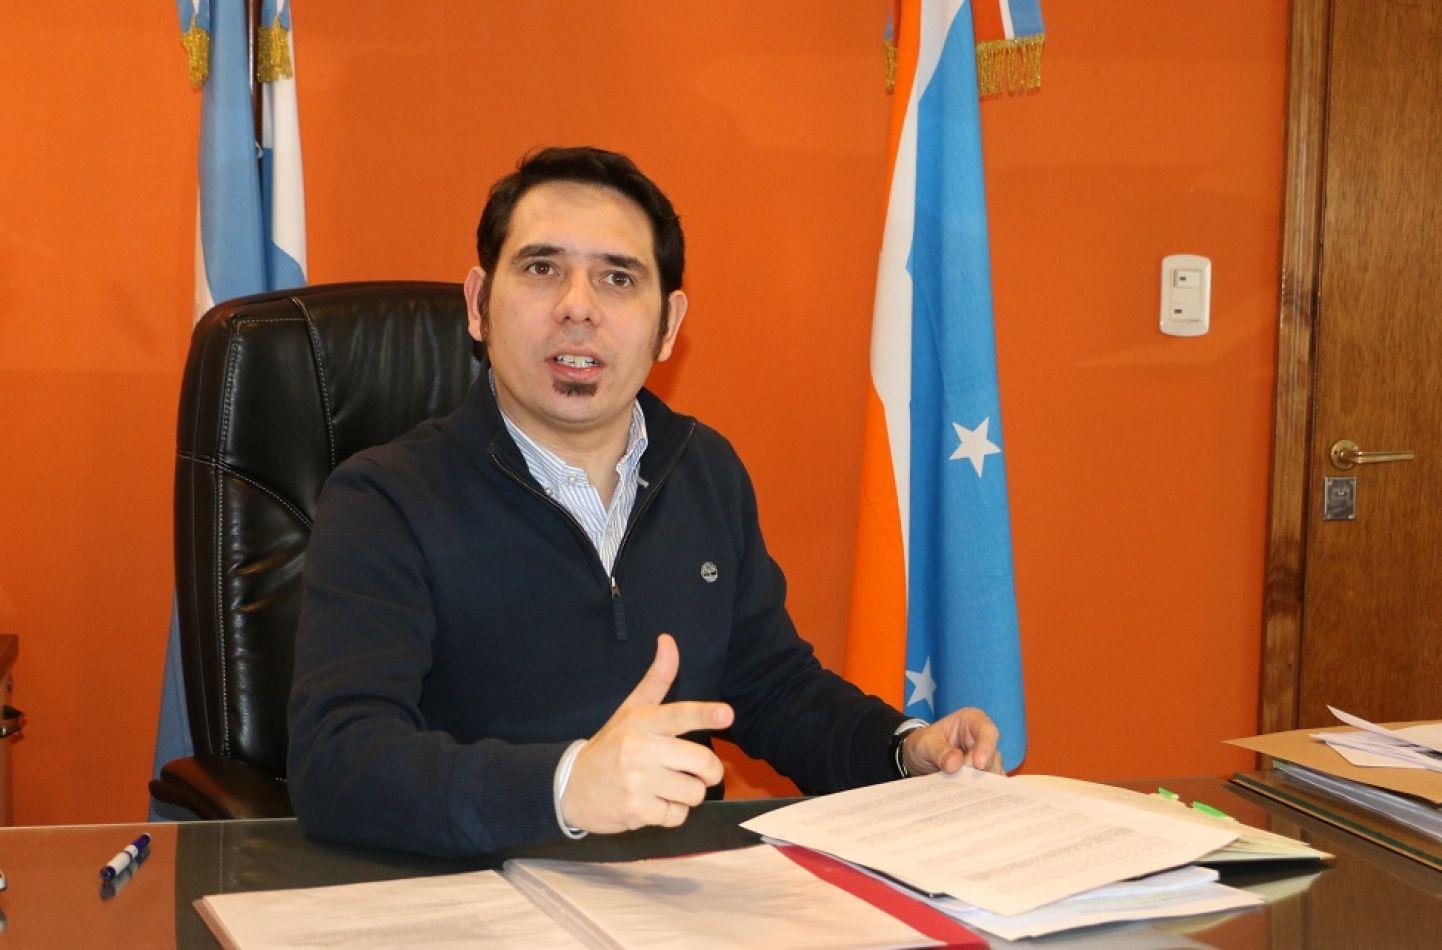 Secretario de Participación y Gestión Ciudadana, Dr. Federico Runín